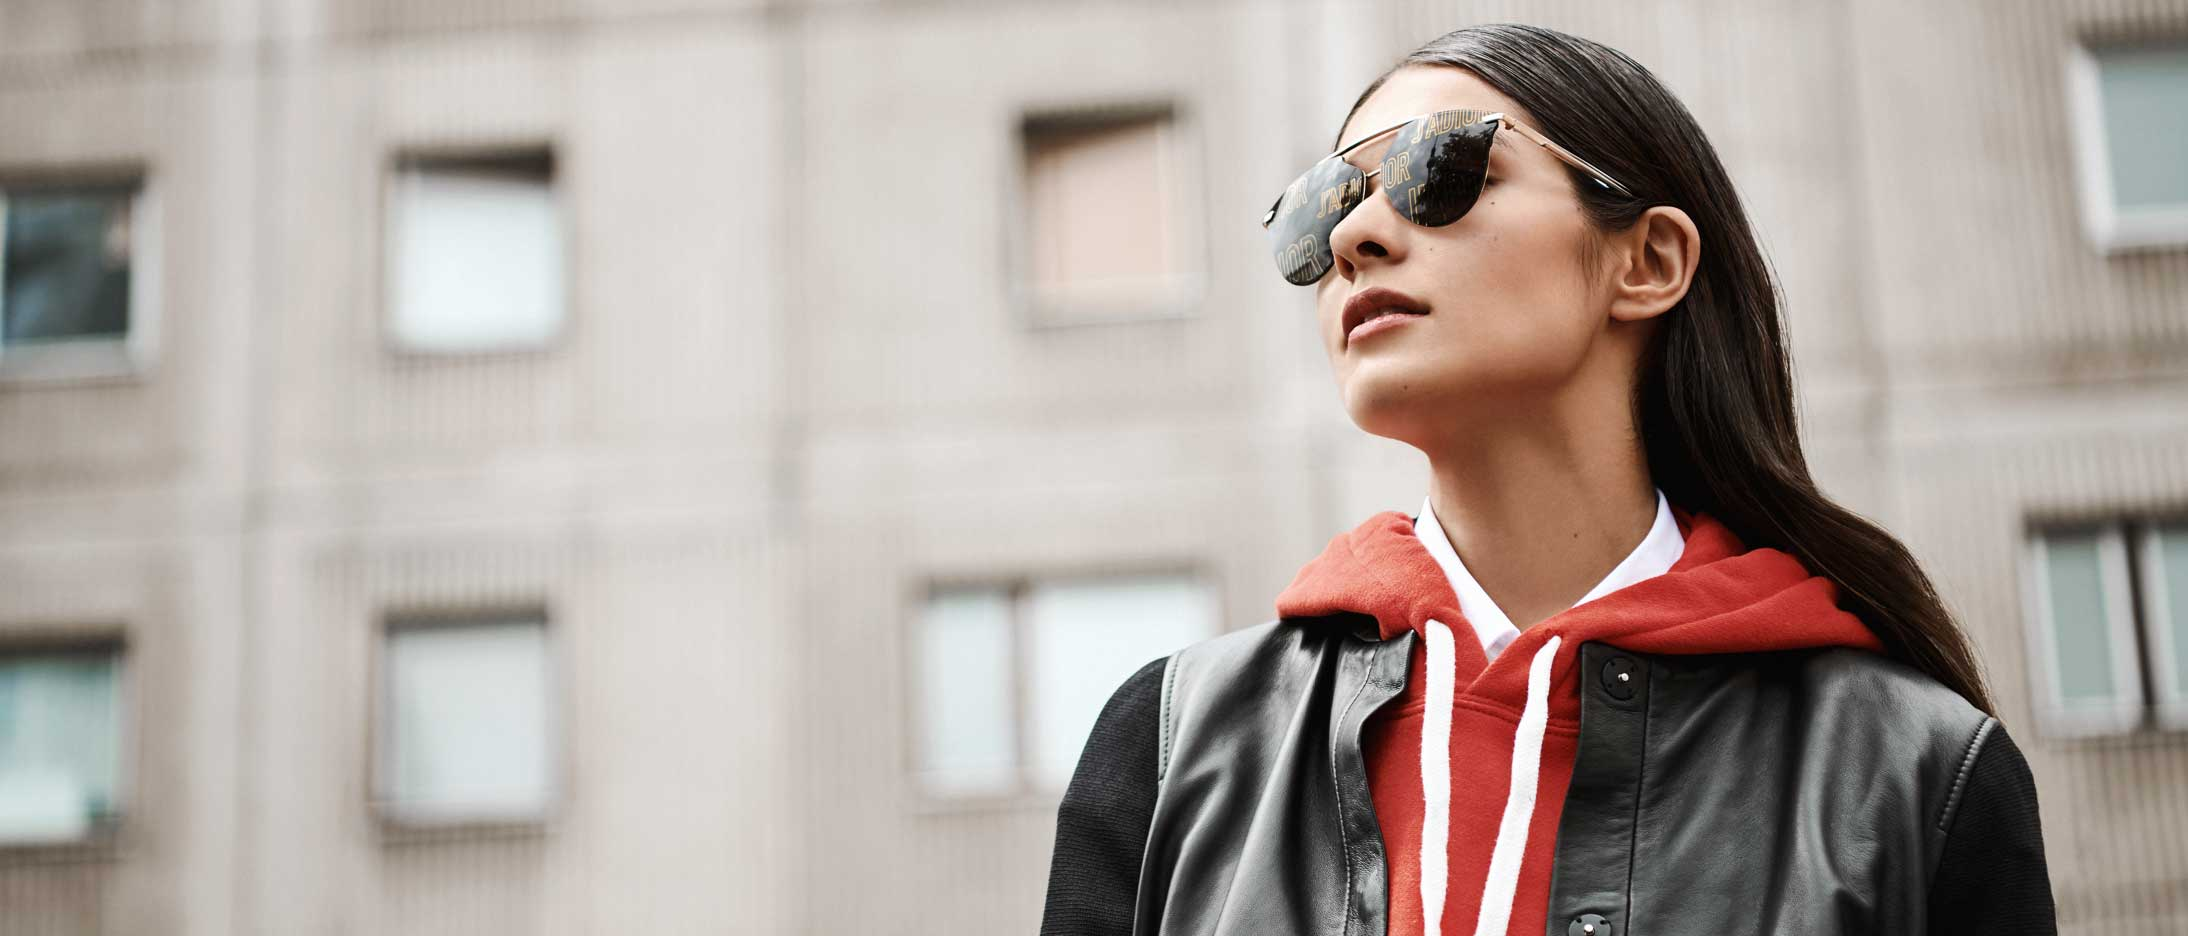 Solglasögon - Säsongens trender